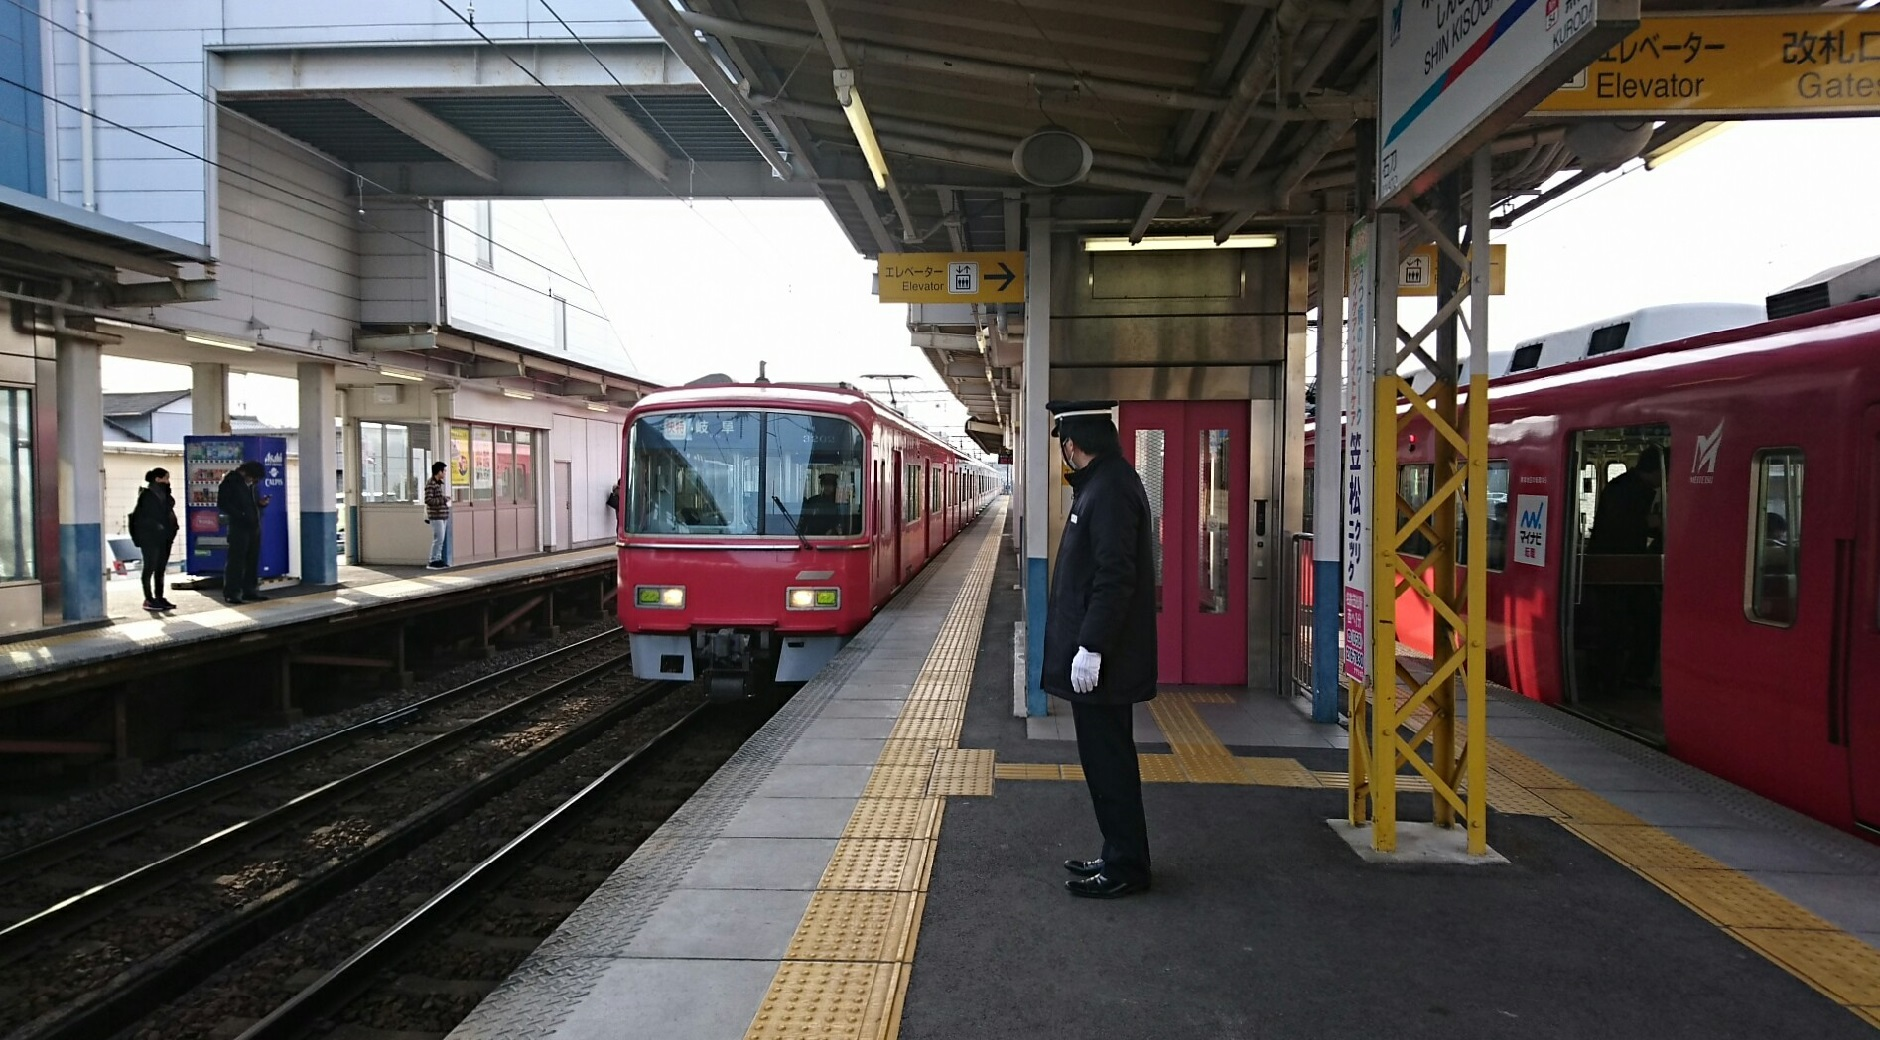 2018.2.19 岐阜 (87) 新木曽川 - 岐阜いき快速特急 1880-1040